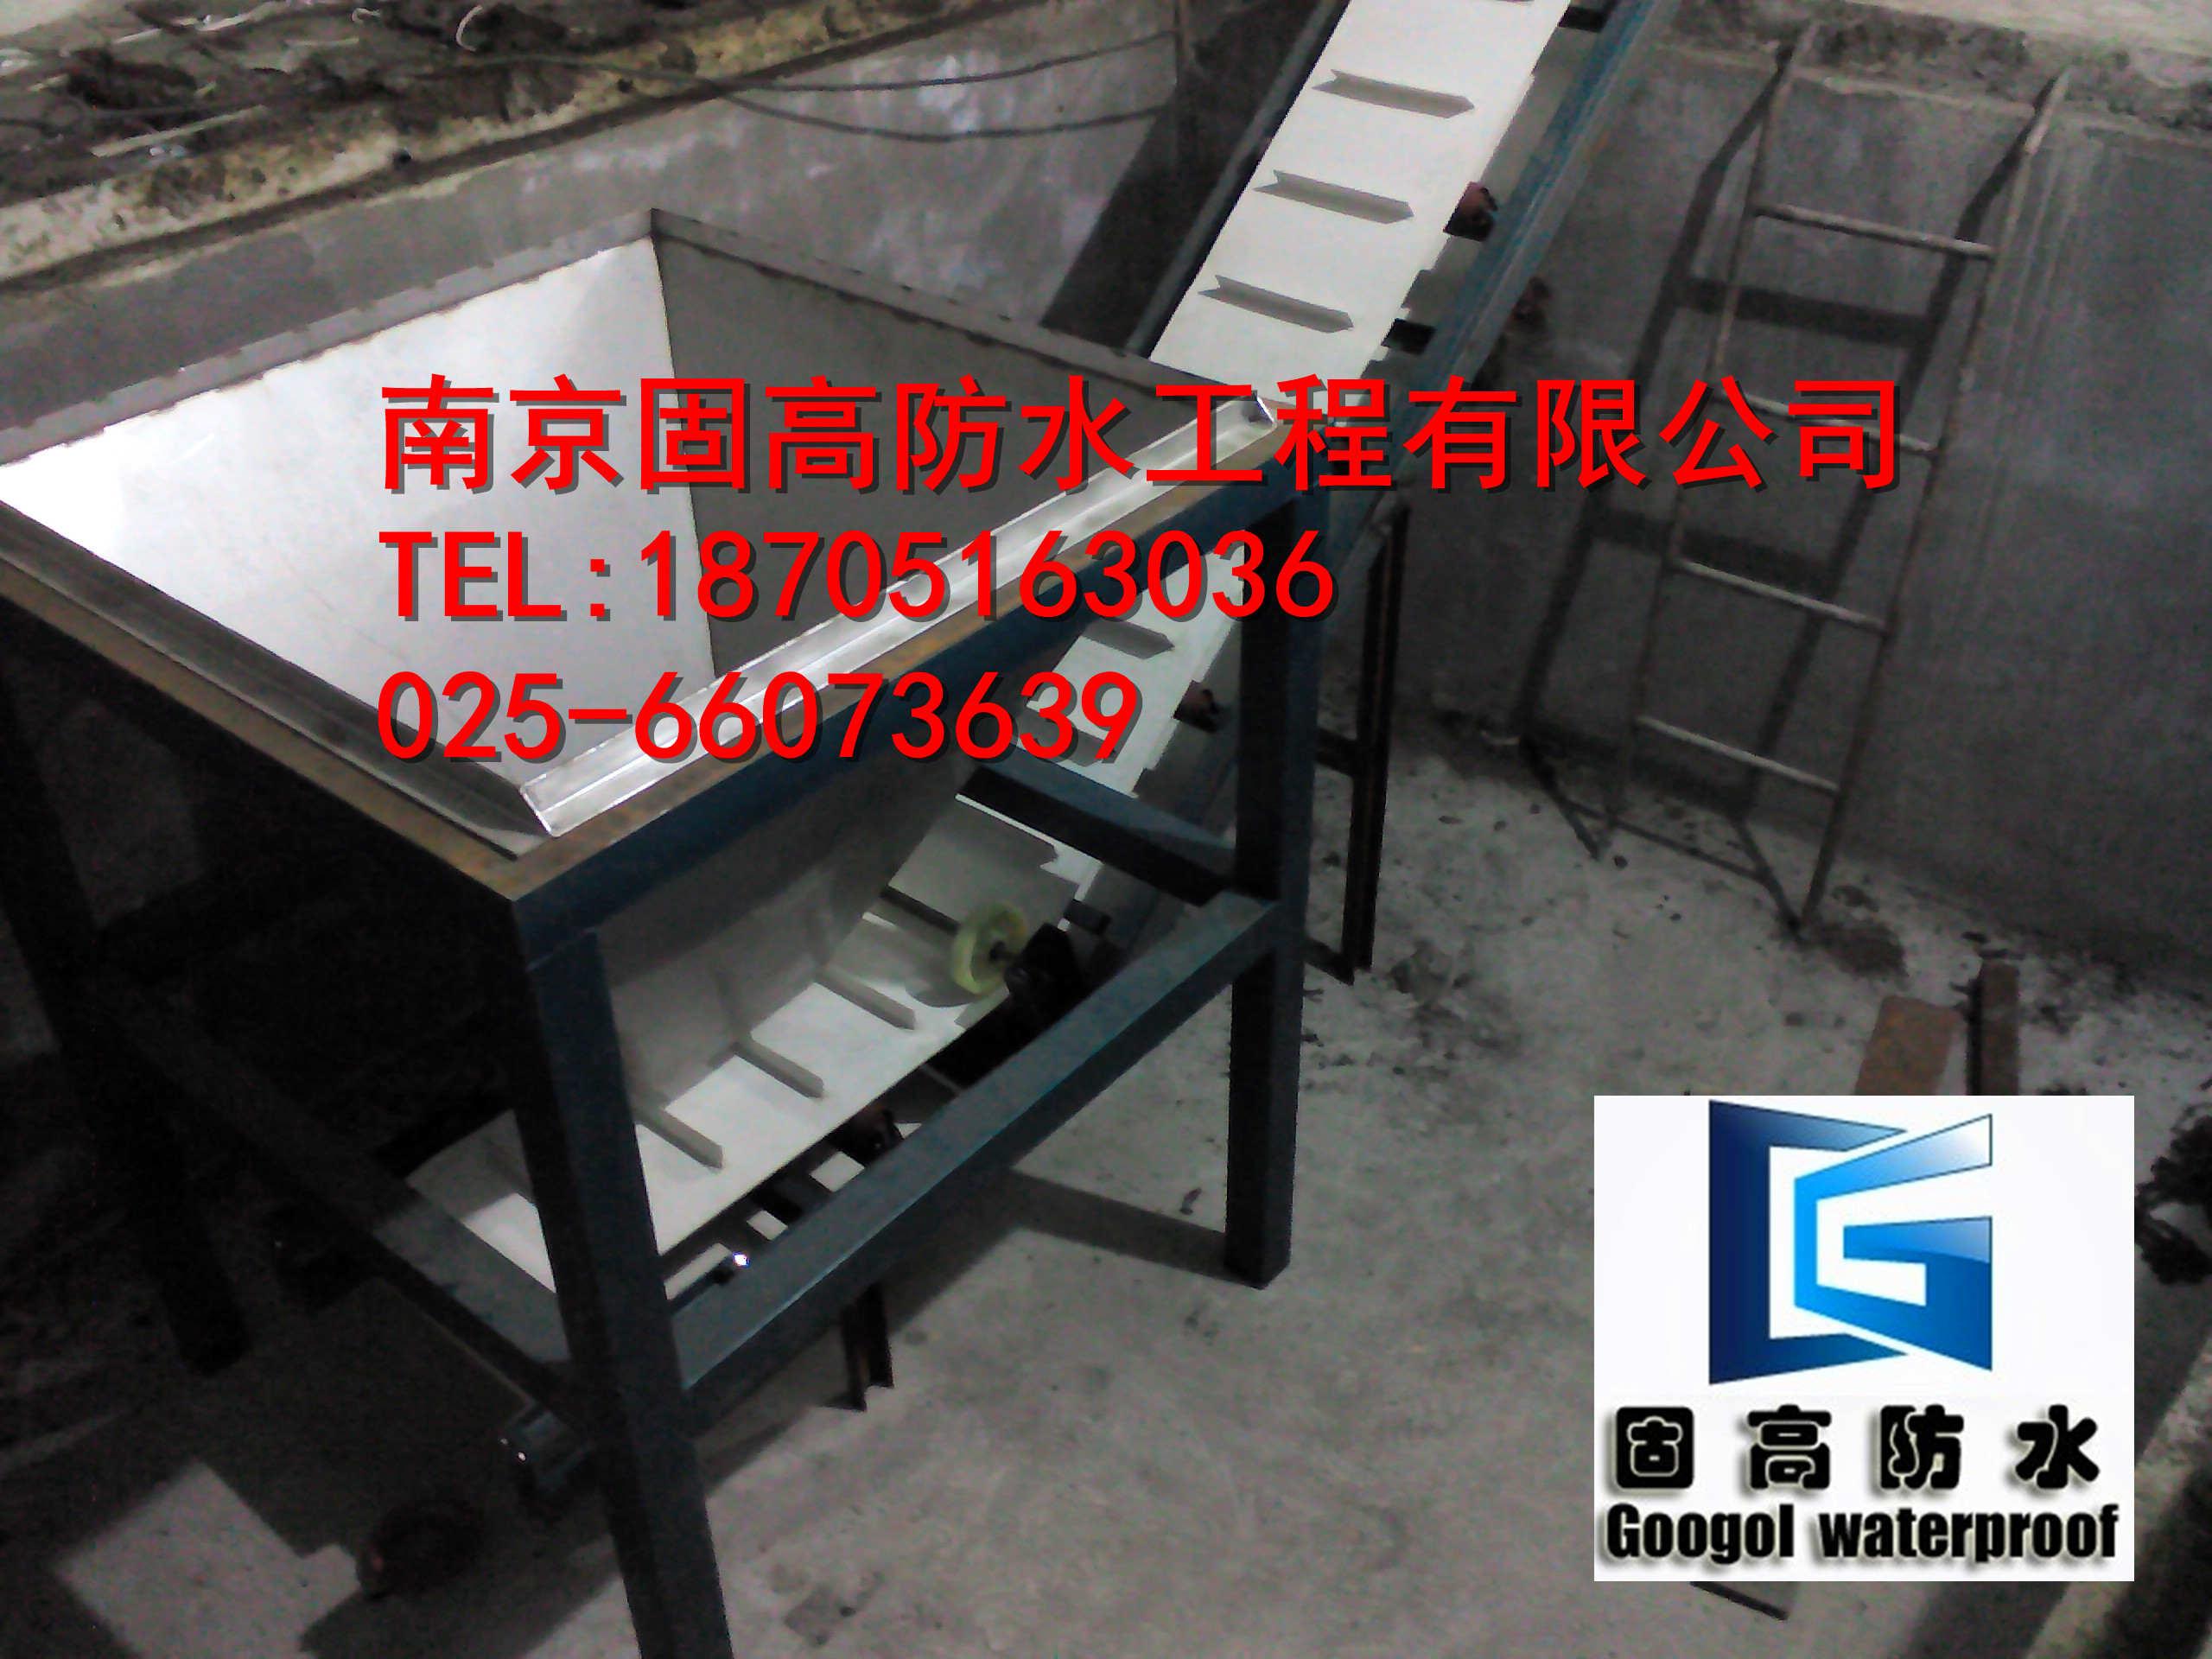 南京工业大学国家生化研究实验中心-5bb46e187d3eea9fb5cb864296471f15_20160330224819671967